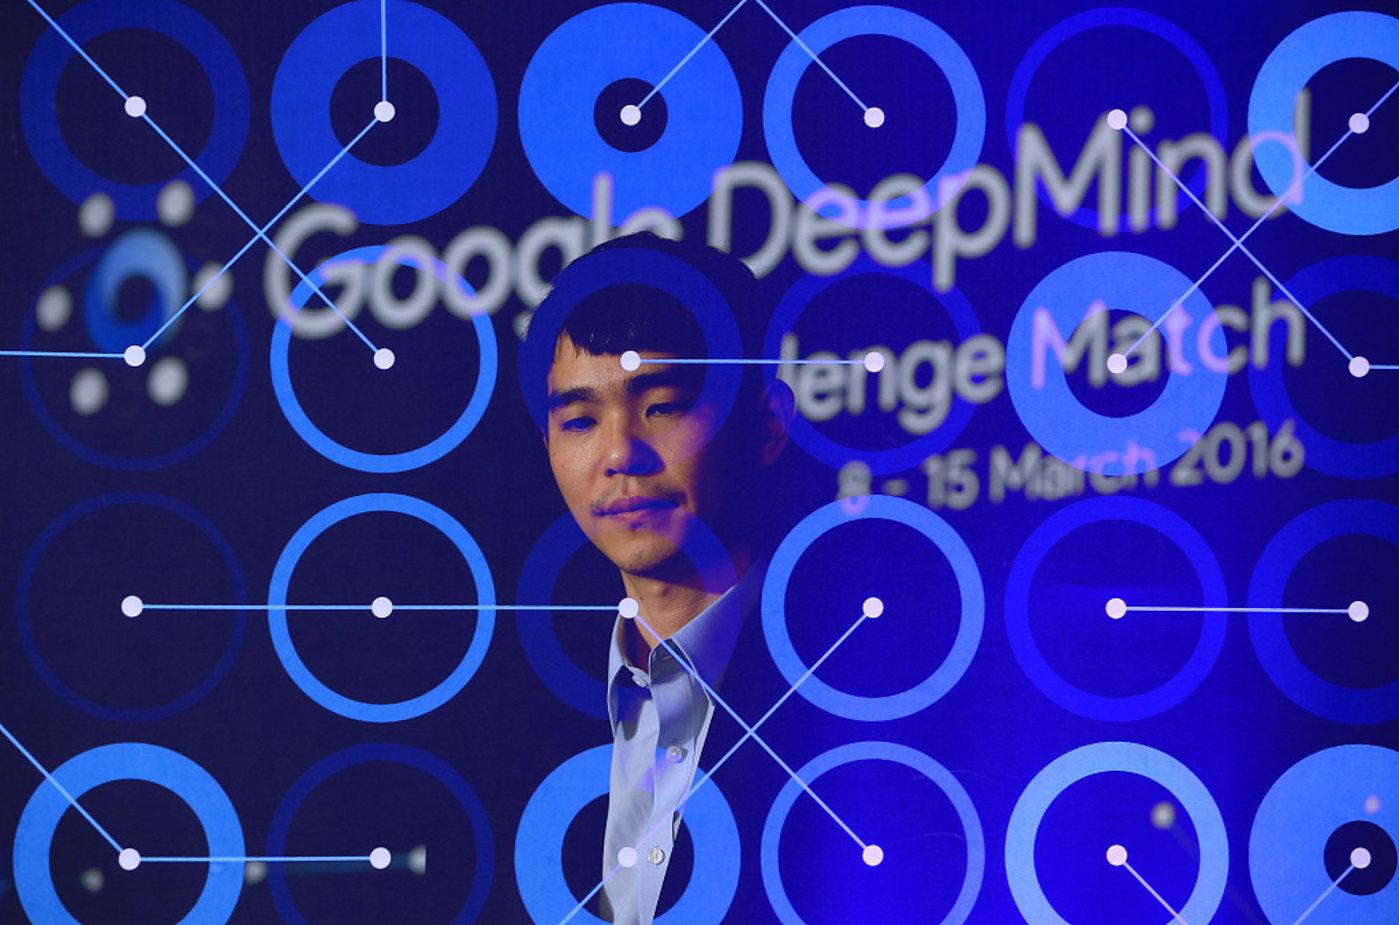 2016年3月13日,韩国首尔,2016围棋人机大战第4局,李世石1-3谷歌AlphaGo。